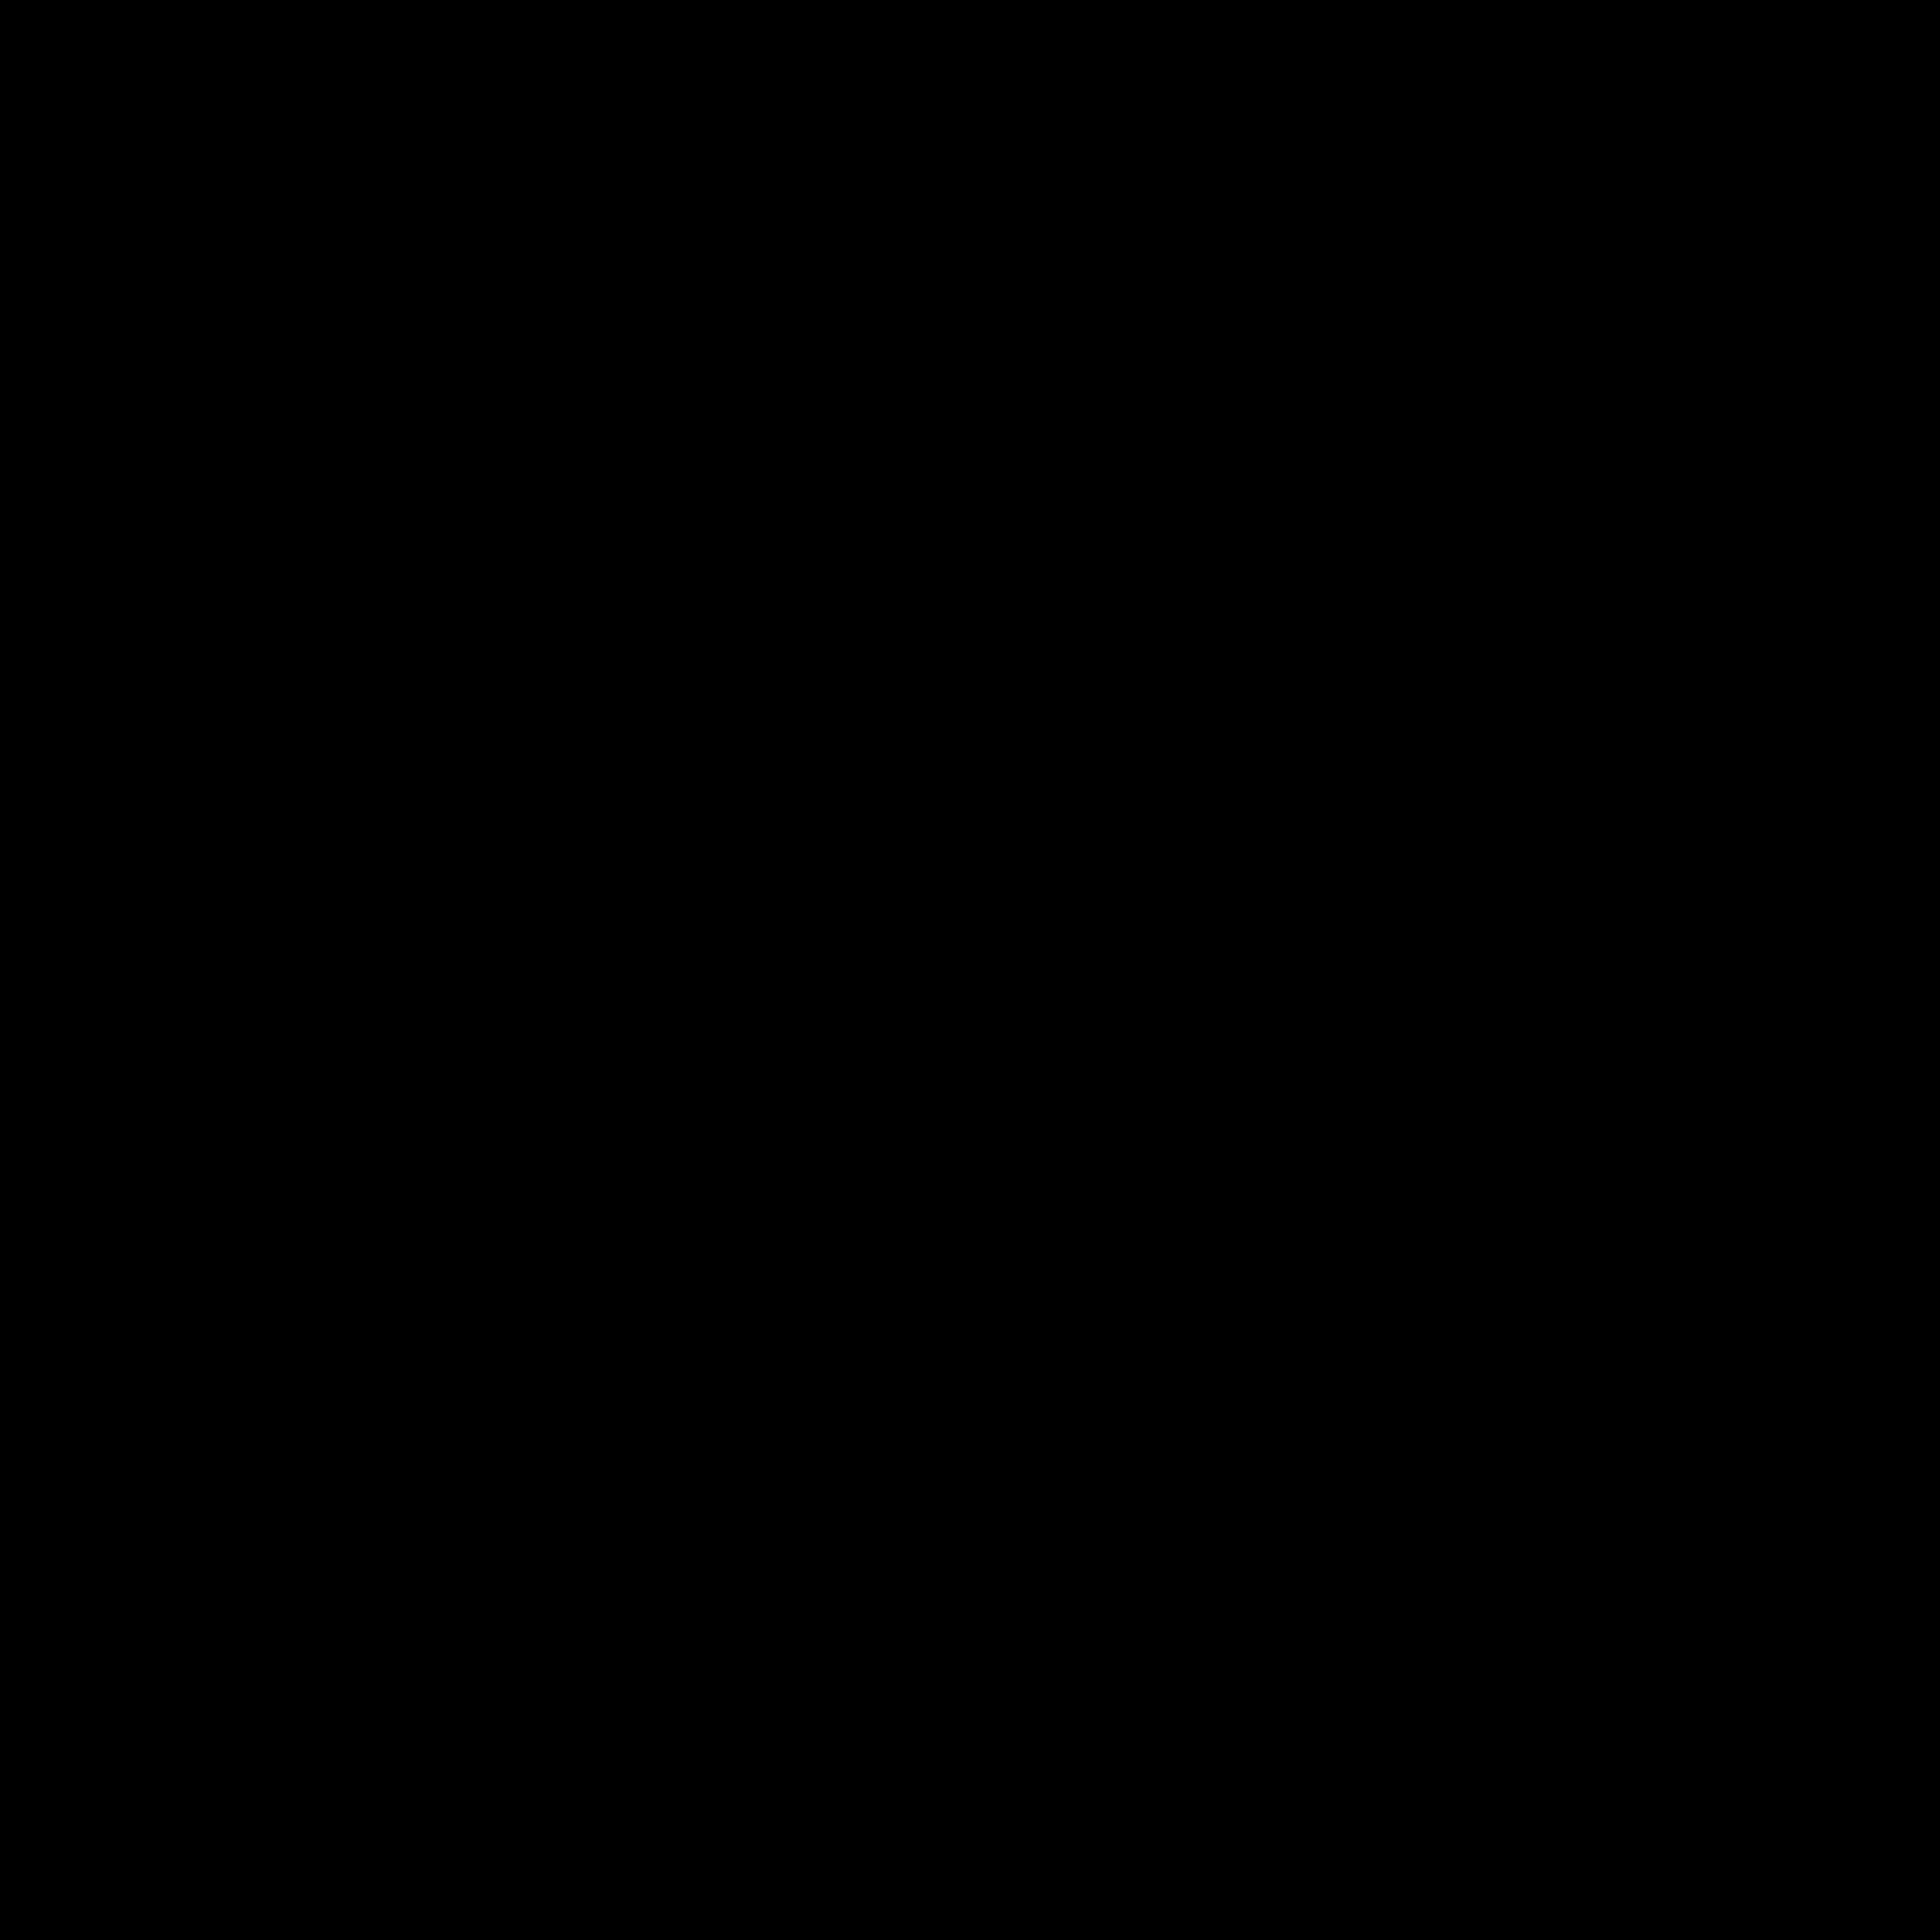 修正波逆变器-TD-K1500